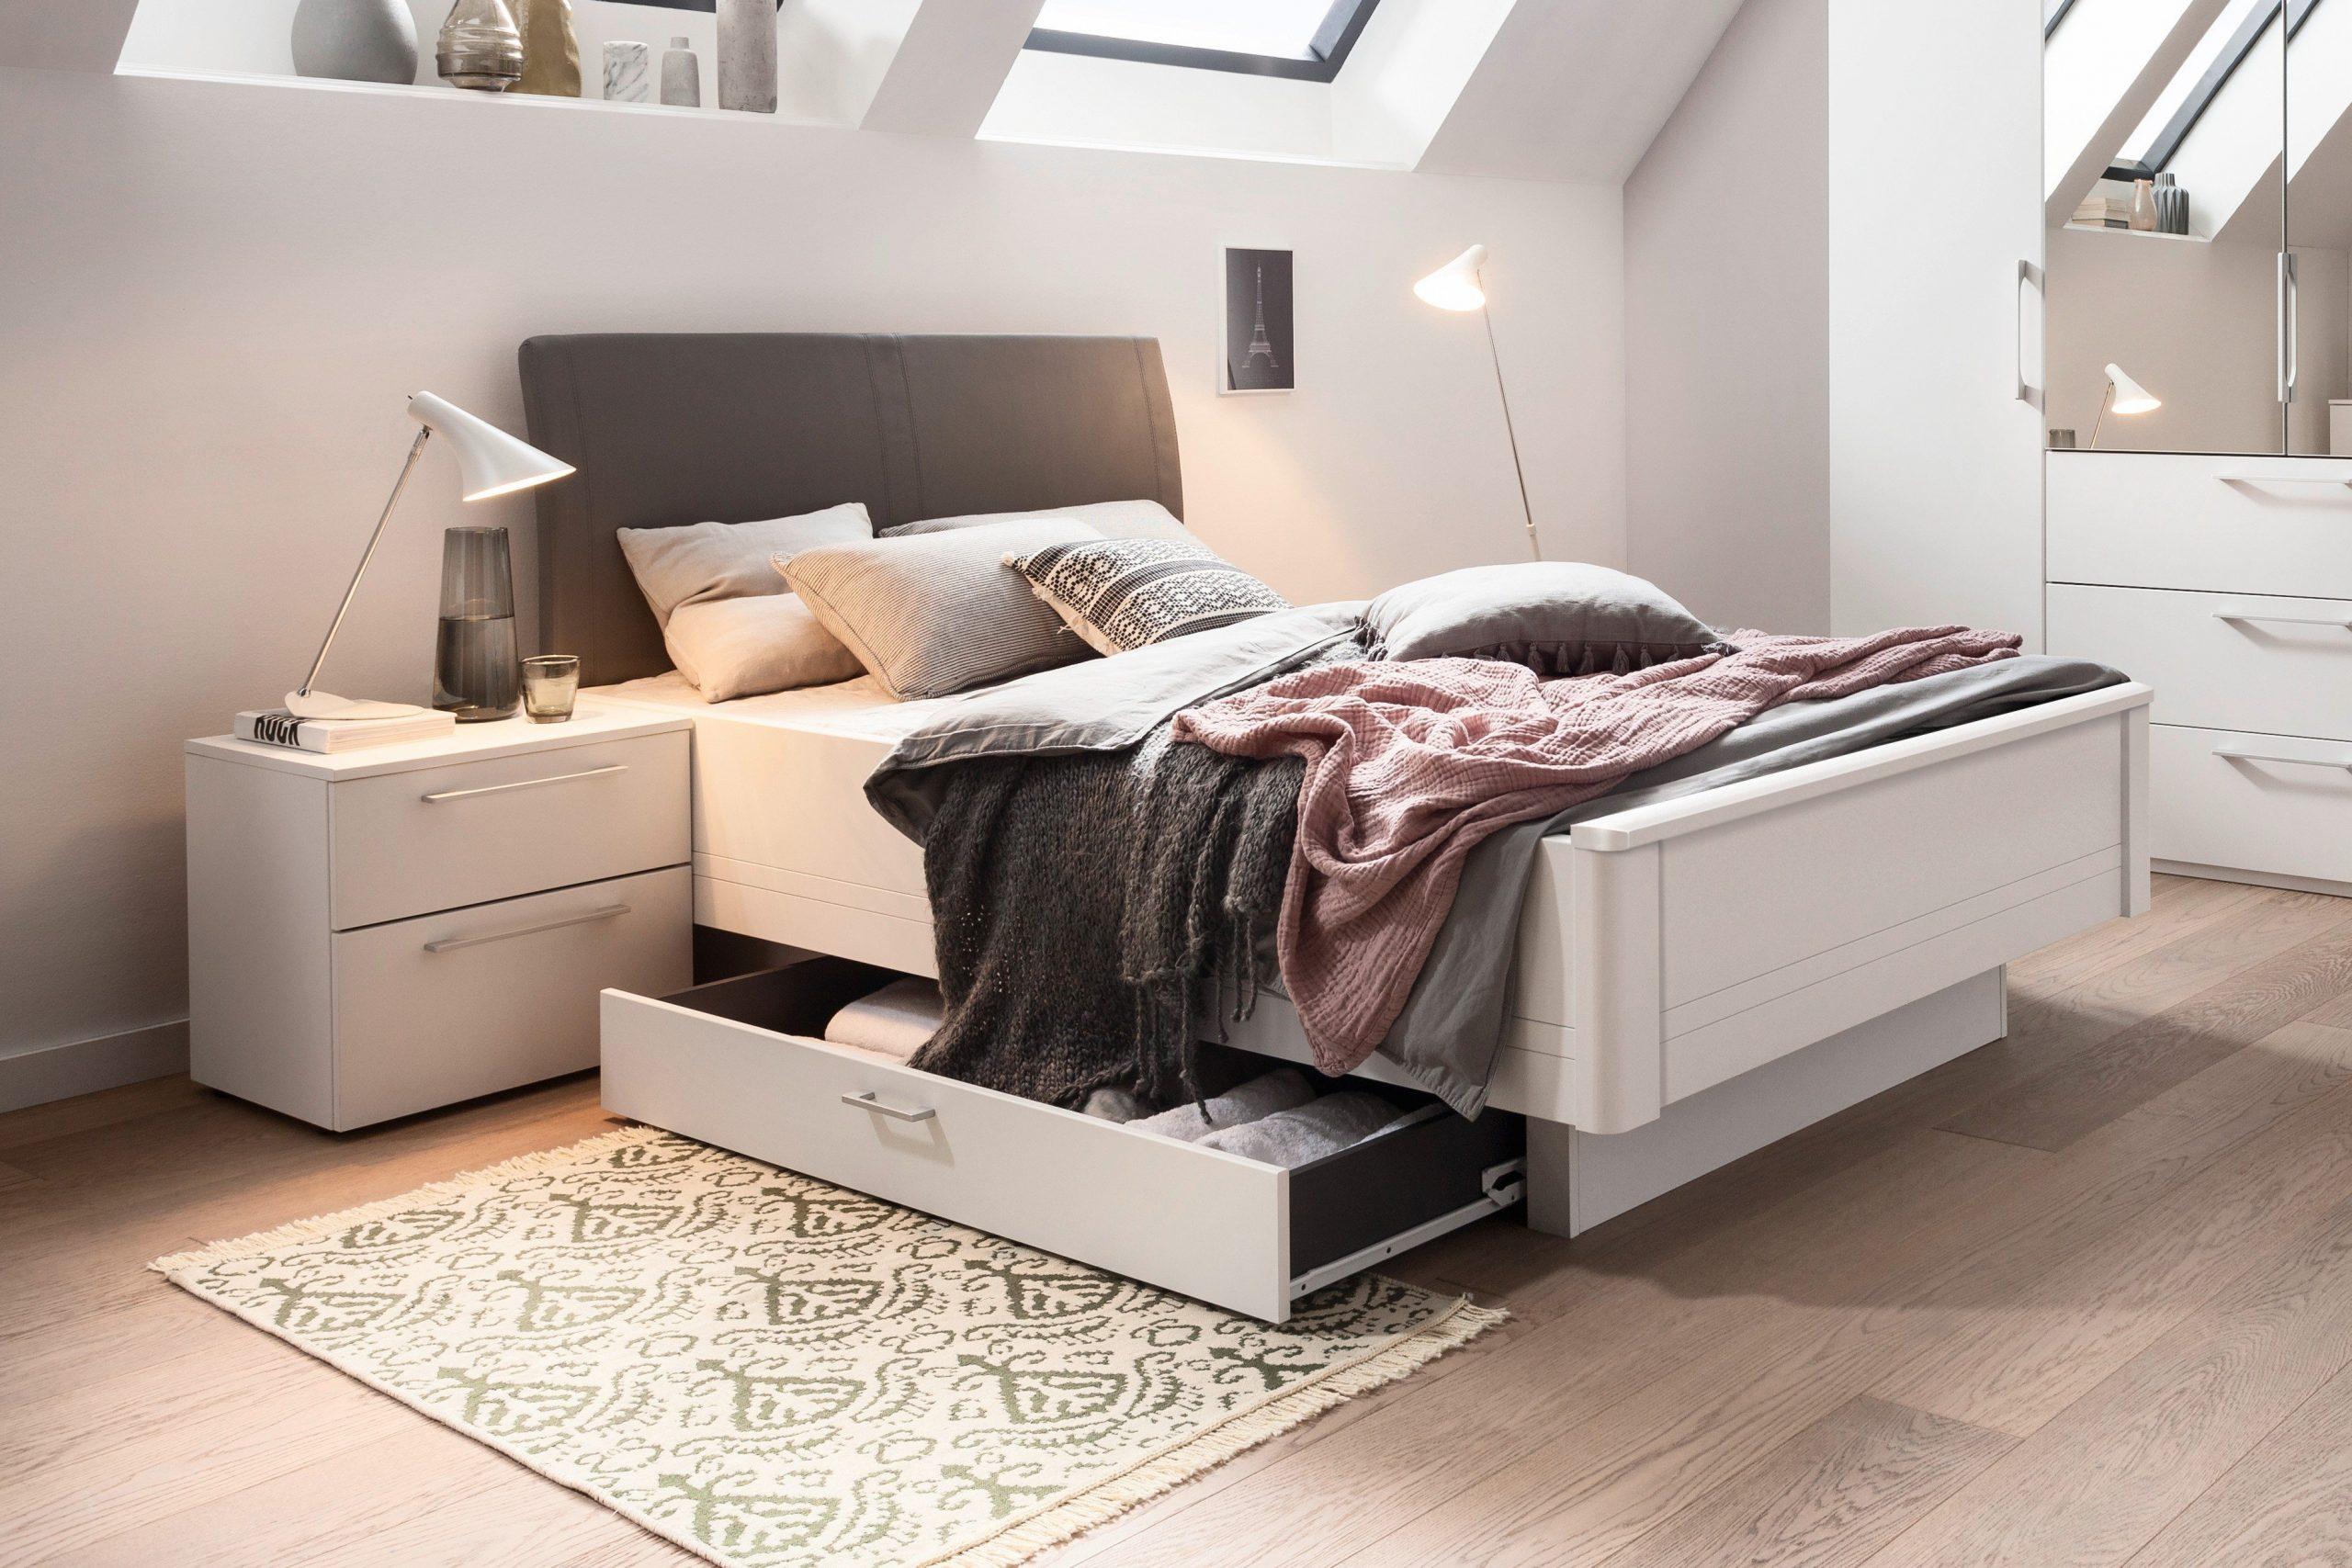 Full Size of Nolte Bett Sonyo Kopfteil Bettenparadies Hagen 140x200 Germersheim Concept Me 510 2a Wei Mbel Letz Ihr Online Shop Schlafzimmer Betten Holz 200x200 Günstige Bett Nolte Betten